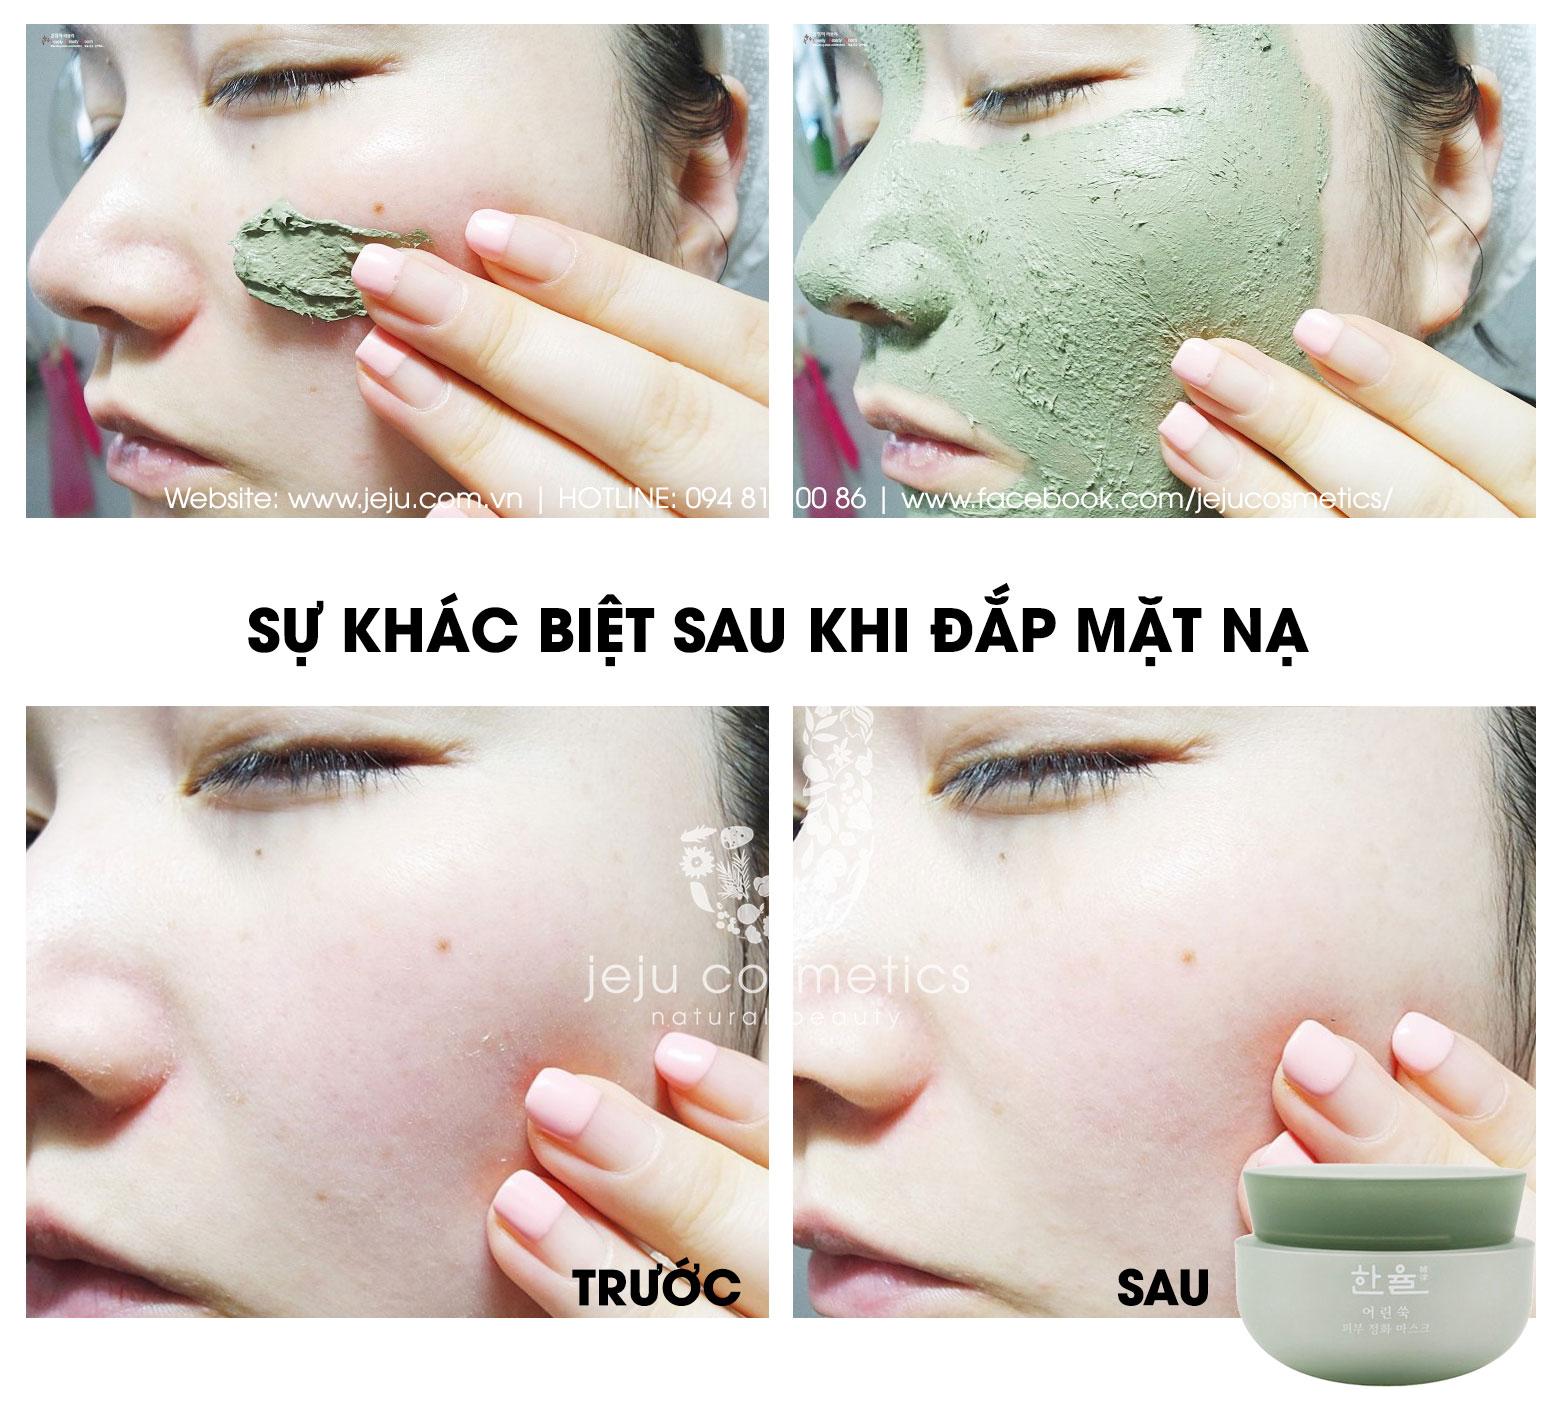 Mặt Nạ Thải Độc, Thanh Lọc, Làm Sáng Da Hanyul Pure Artemisia Purifying Mask